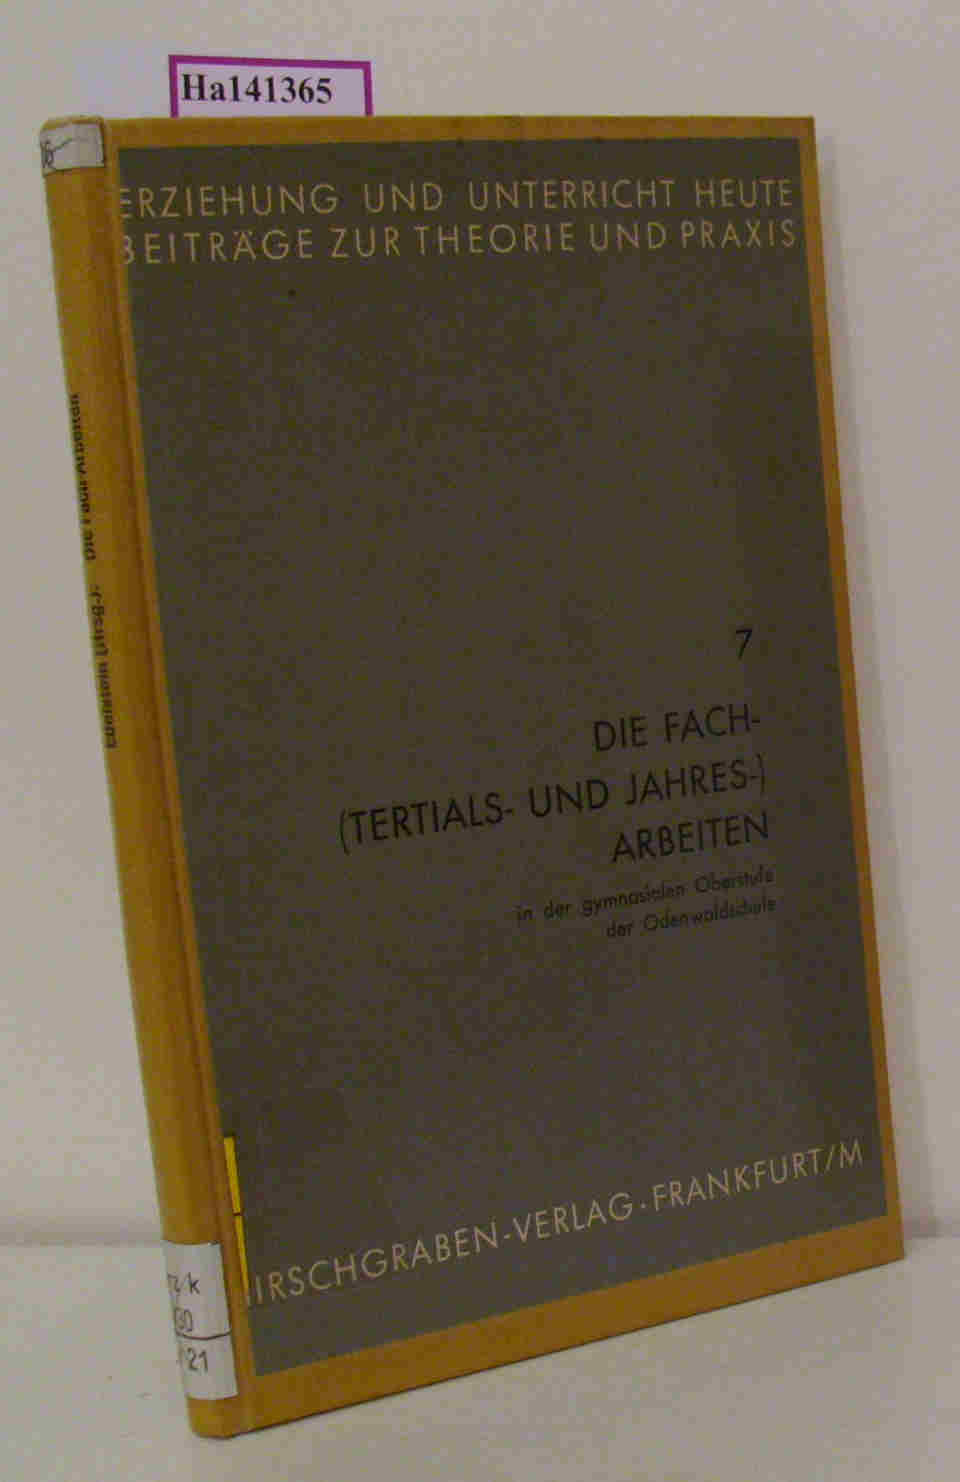 Edelstein,  Wolfgang / Schäfer, Walter (Hrsg.): Die Fach- (Tertials- und Jahres-) Arbeiten in der gymnasialen Oberstufe der Odenwaldschule. (=Erziehung und Unterricht heute - Beiträge zur Theorie und Praxis  H. 7).